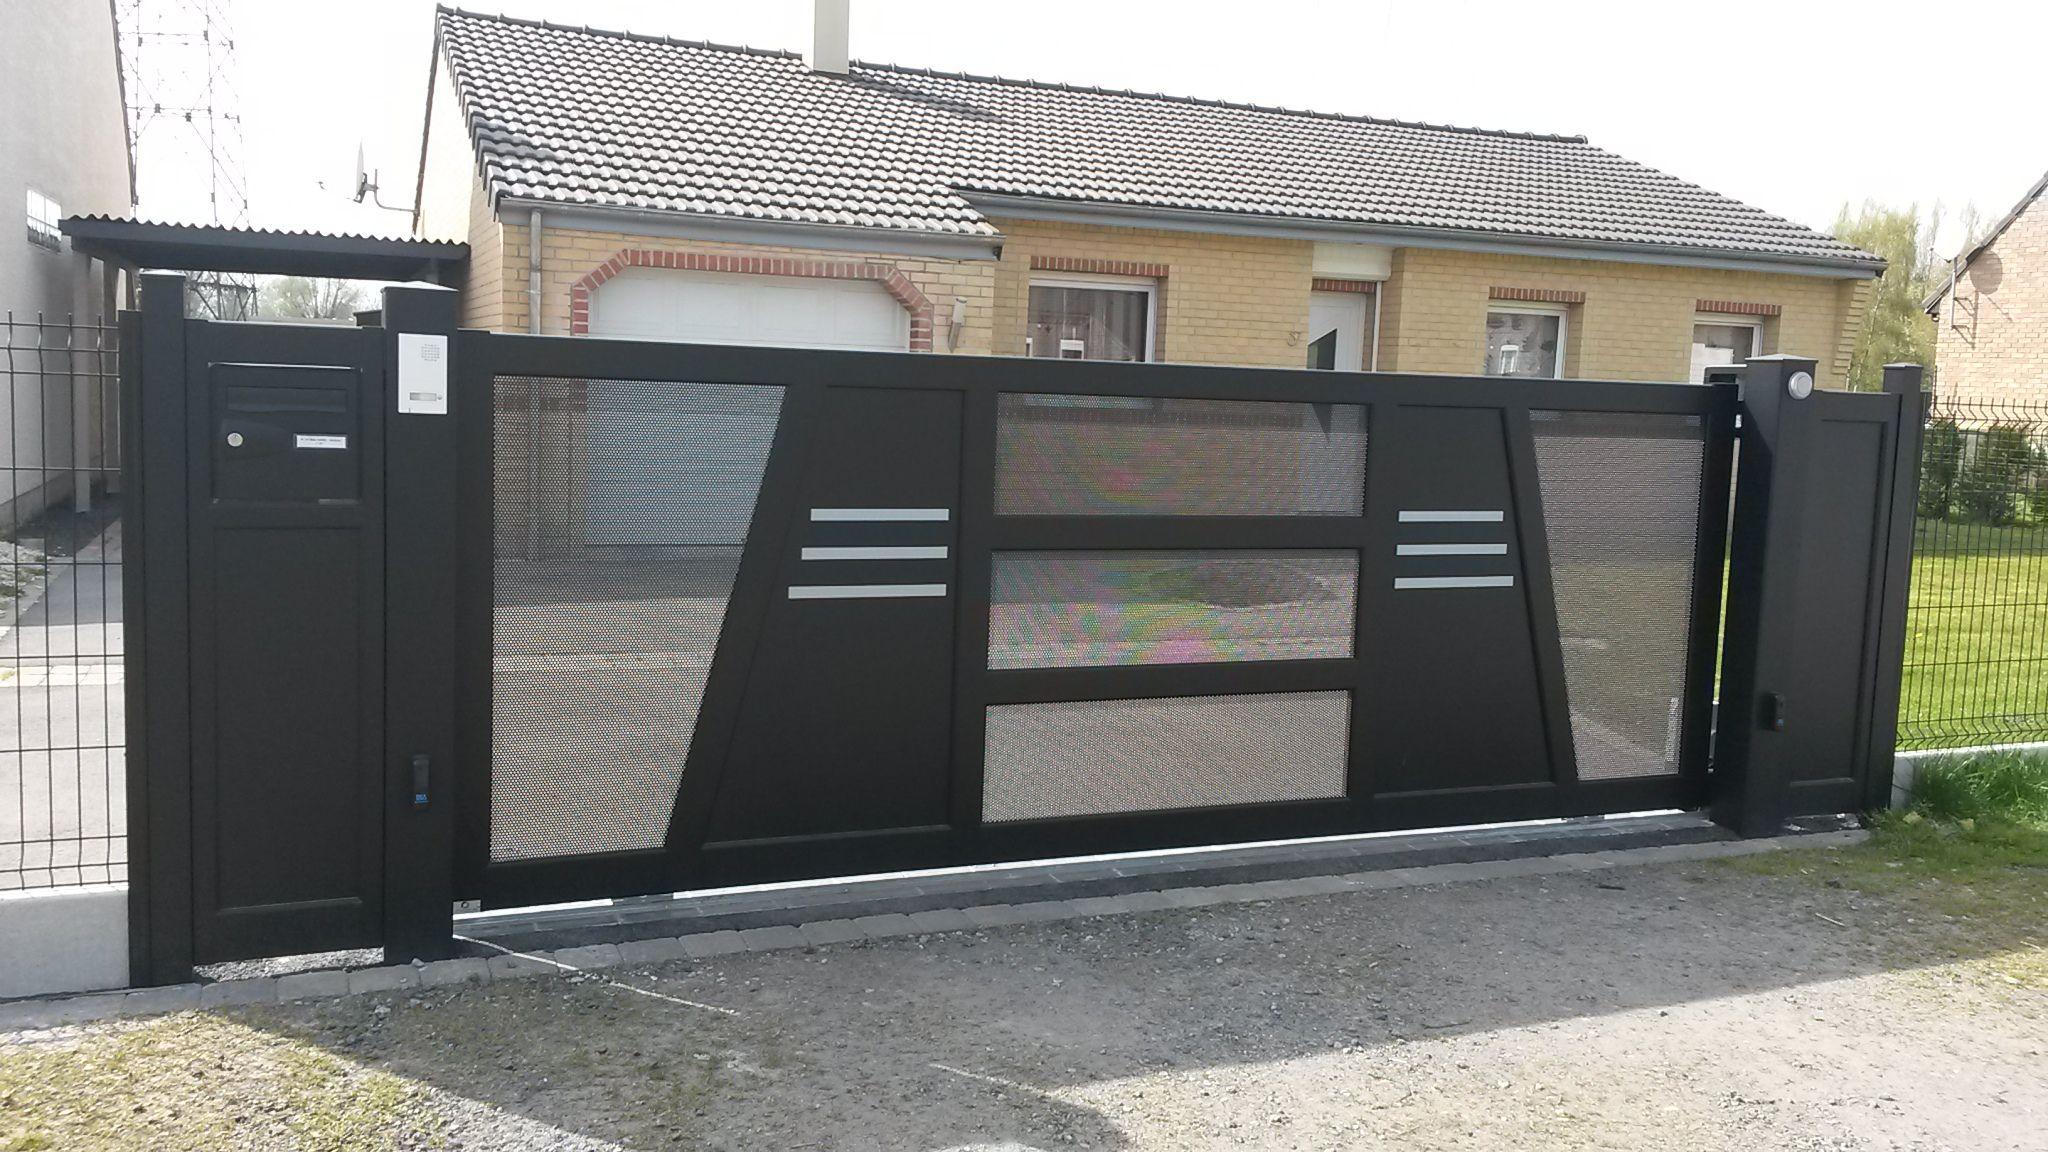 Portail Coulissant Sur Rail En Aluminium Soude Avec Poteaux Alu Et Totem Boite Aux Lettres Poteau Portail Portail Coulissant Portail Alu